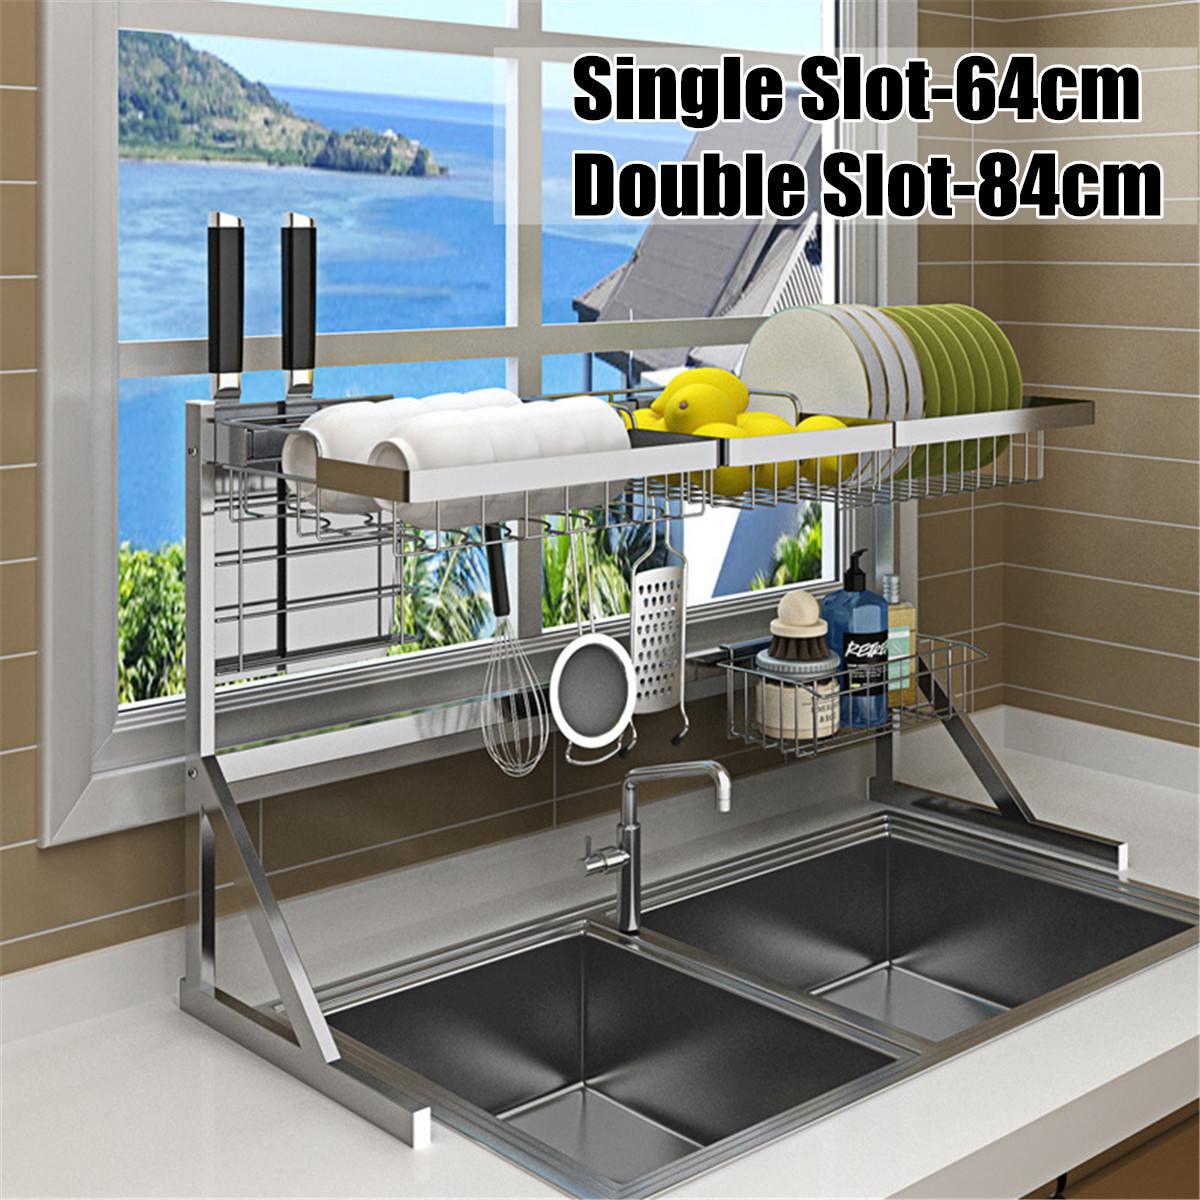 64/84cm 2019 nouveau 304 en acier inoxydable cuisine plat support U forme évier égouttoir deux couches cuisine organisateur étagère support de stockage